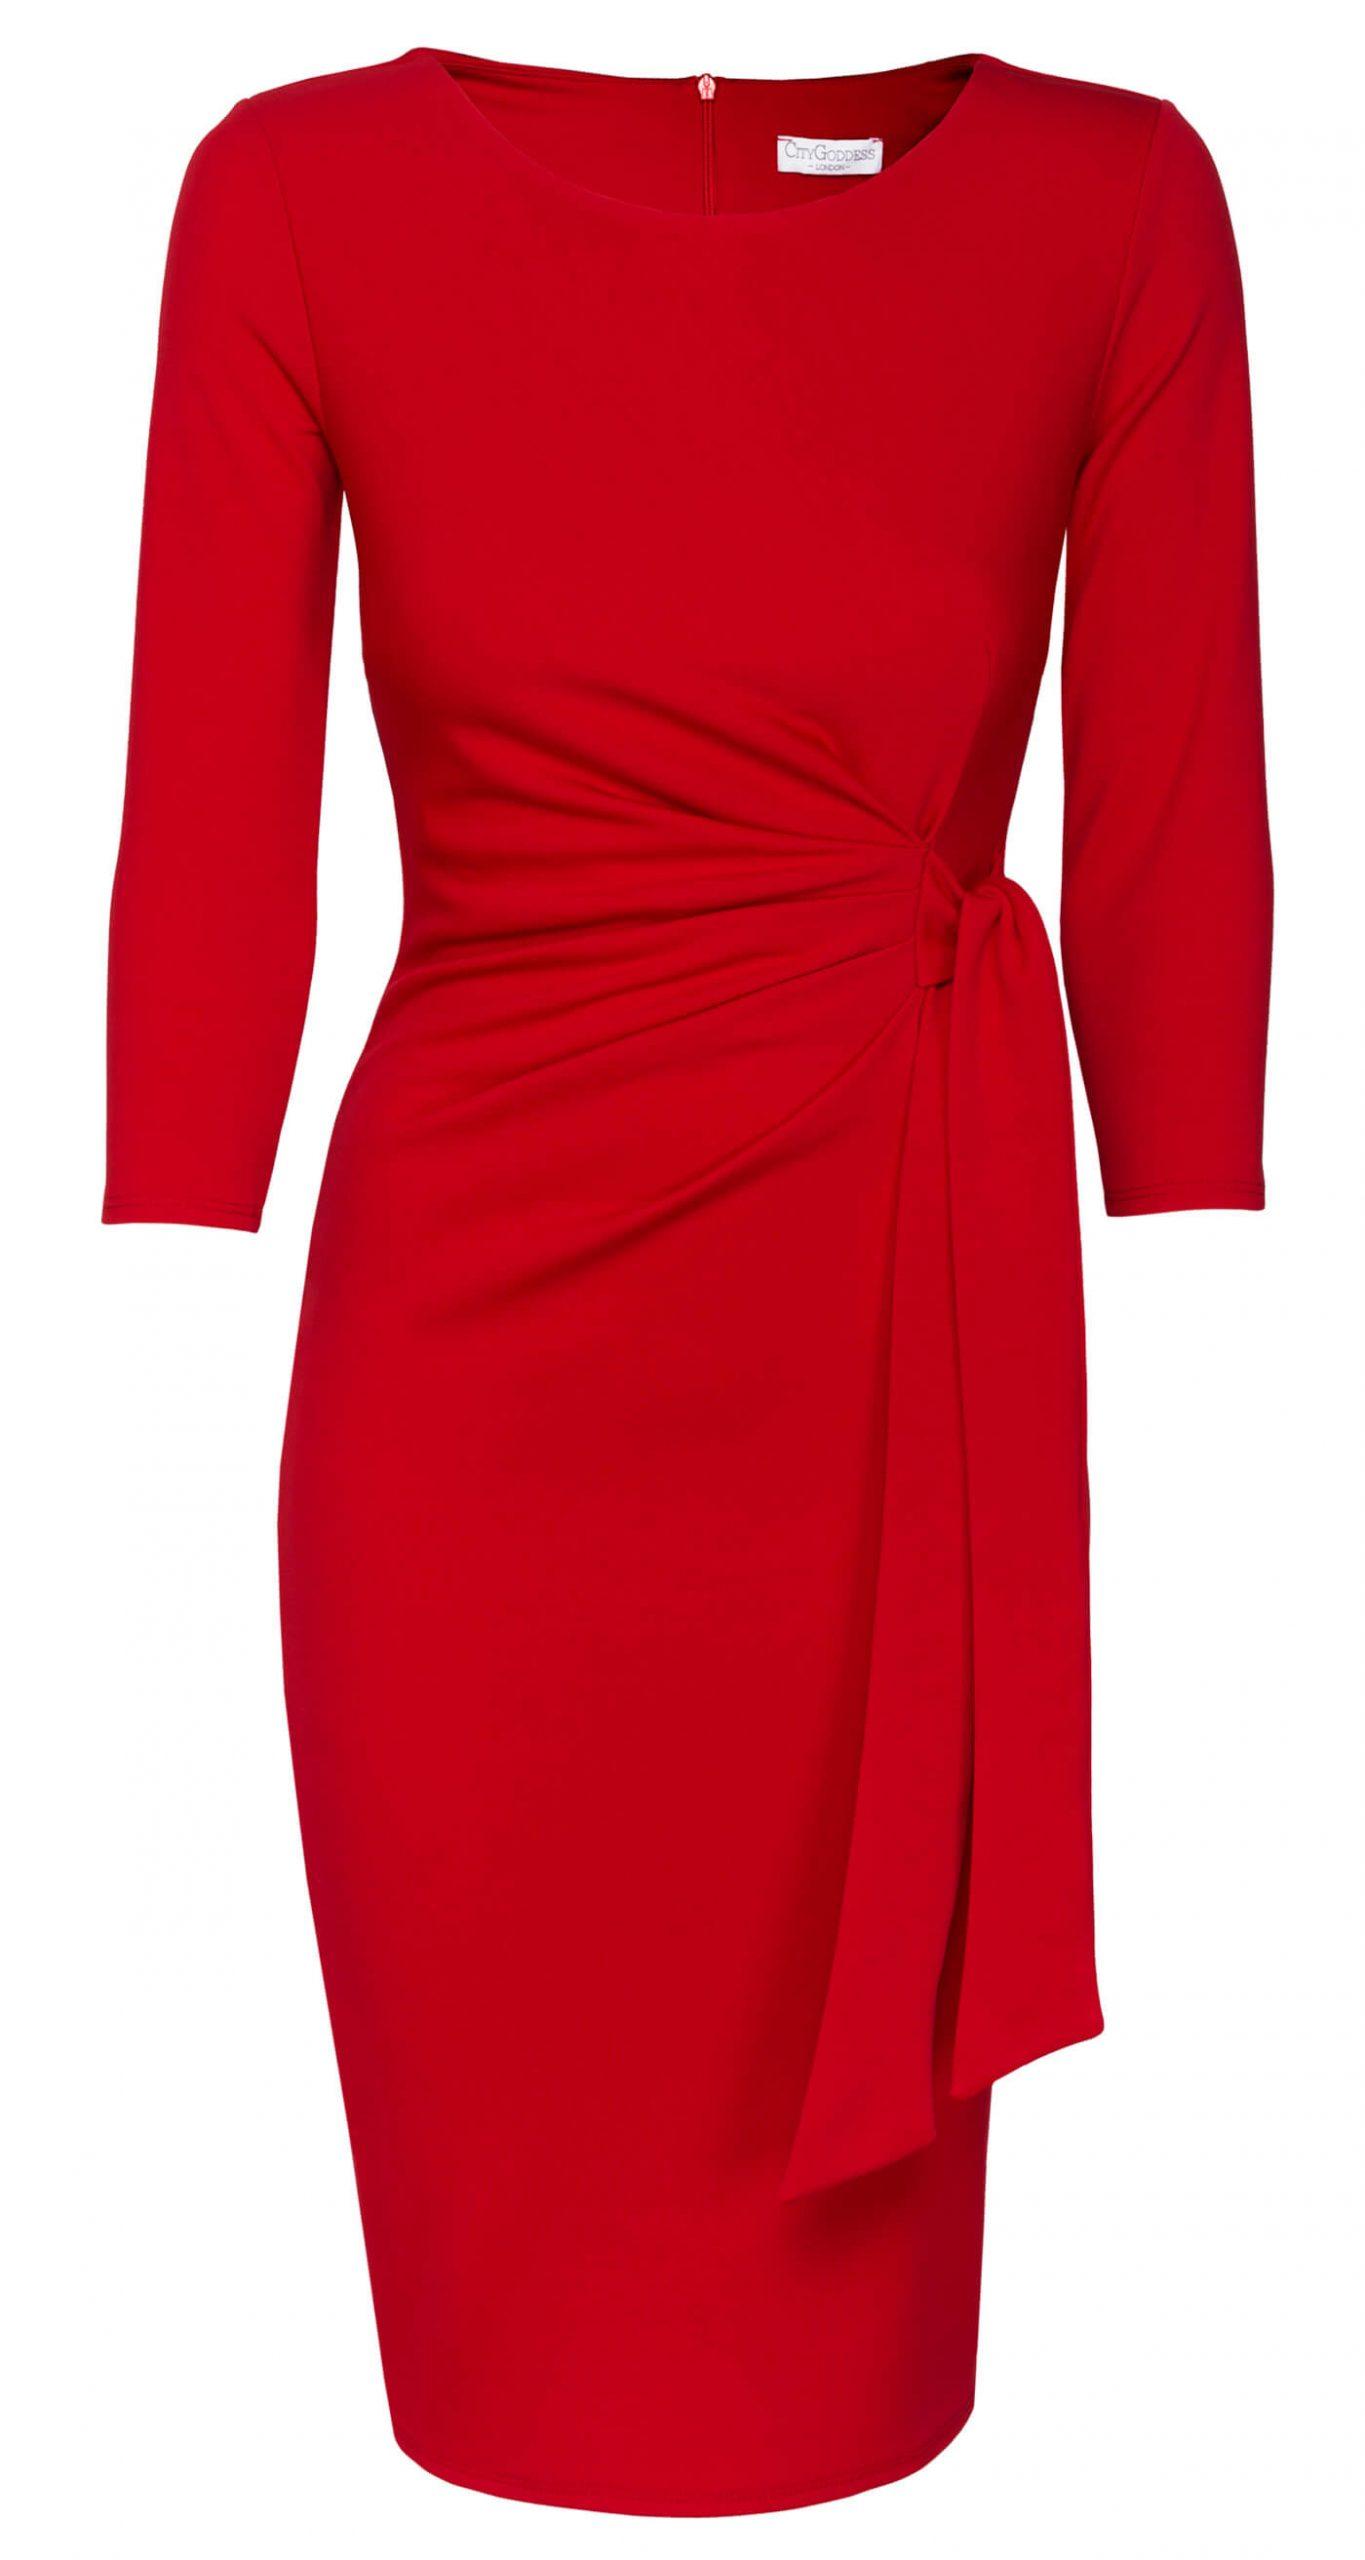 17 Ausgezeichnet Kleid Rot für 2019Designer Spektakulär Kleid Rot Ärmel